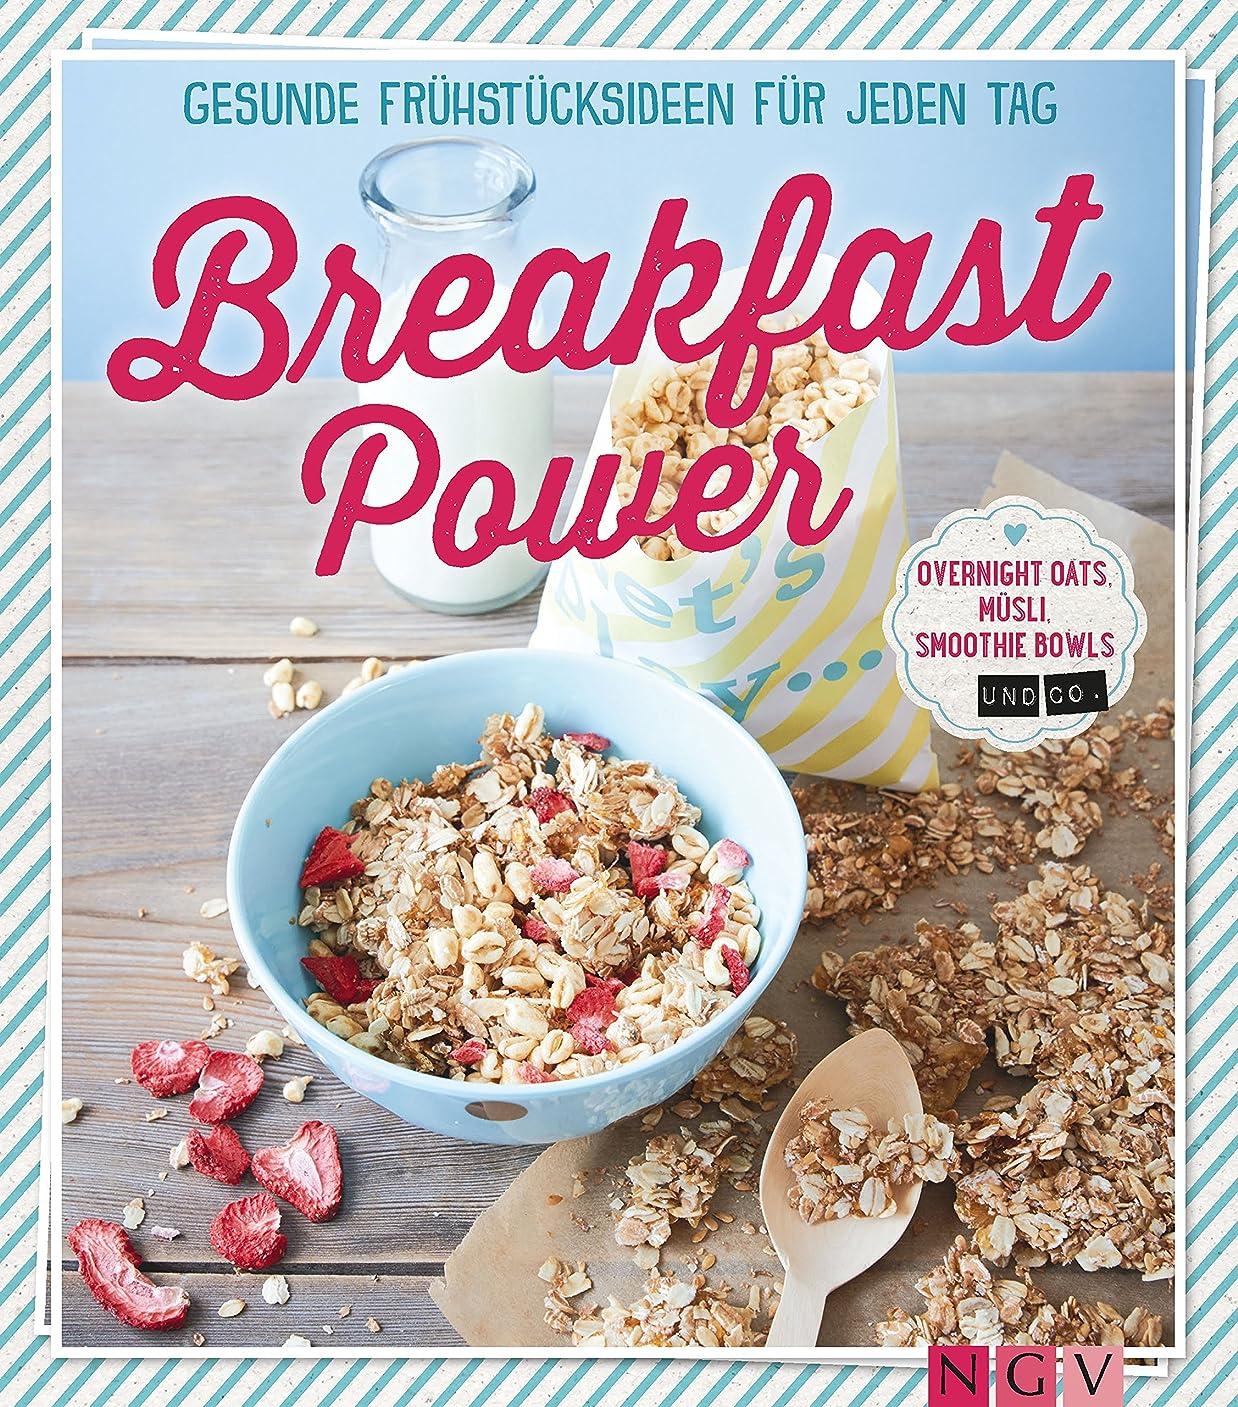 ガイドラインモネ絡まるBreakfast Power: Gesunde Frühstücksideen für jeden Tag - Overnight Oats, Müsli, Smoothie-Bowls und Co. (German Edition)